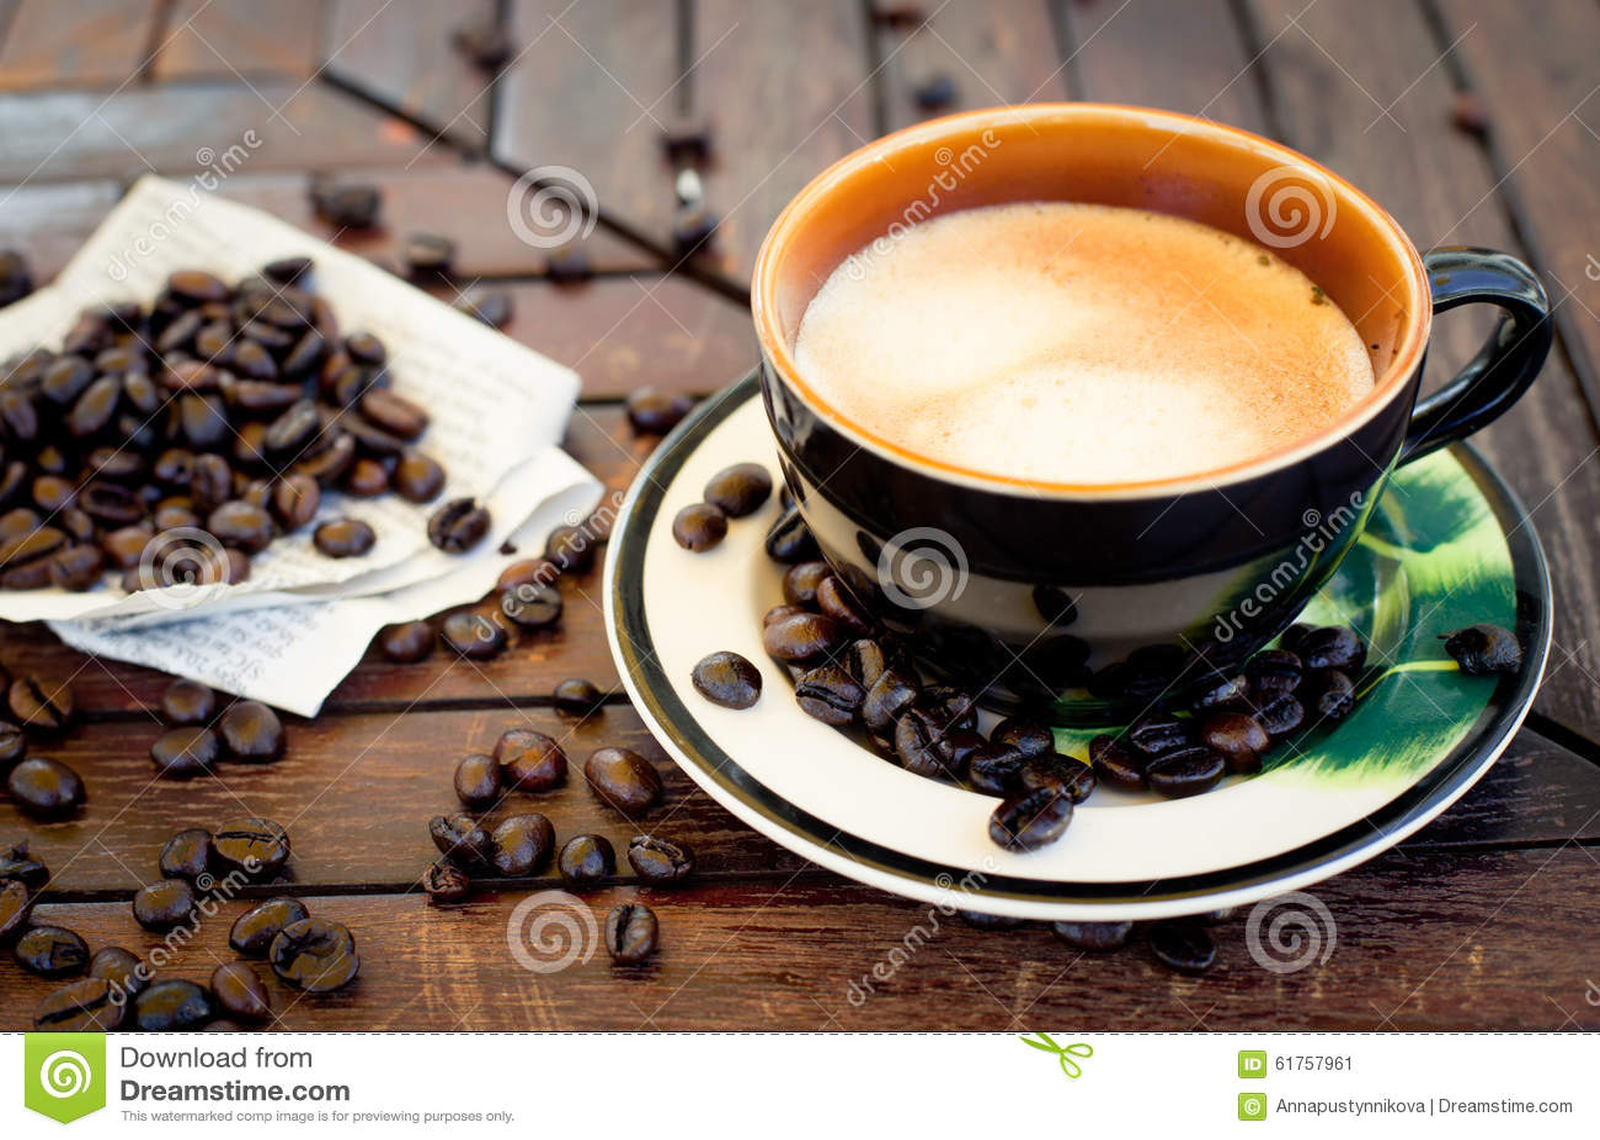 best 28 kaffee granuliert mit einem glasbecher kalorien von kaffee mit einem schluss milch. Black Bedroom Furniture Sets. Home Design Ideas